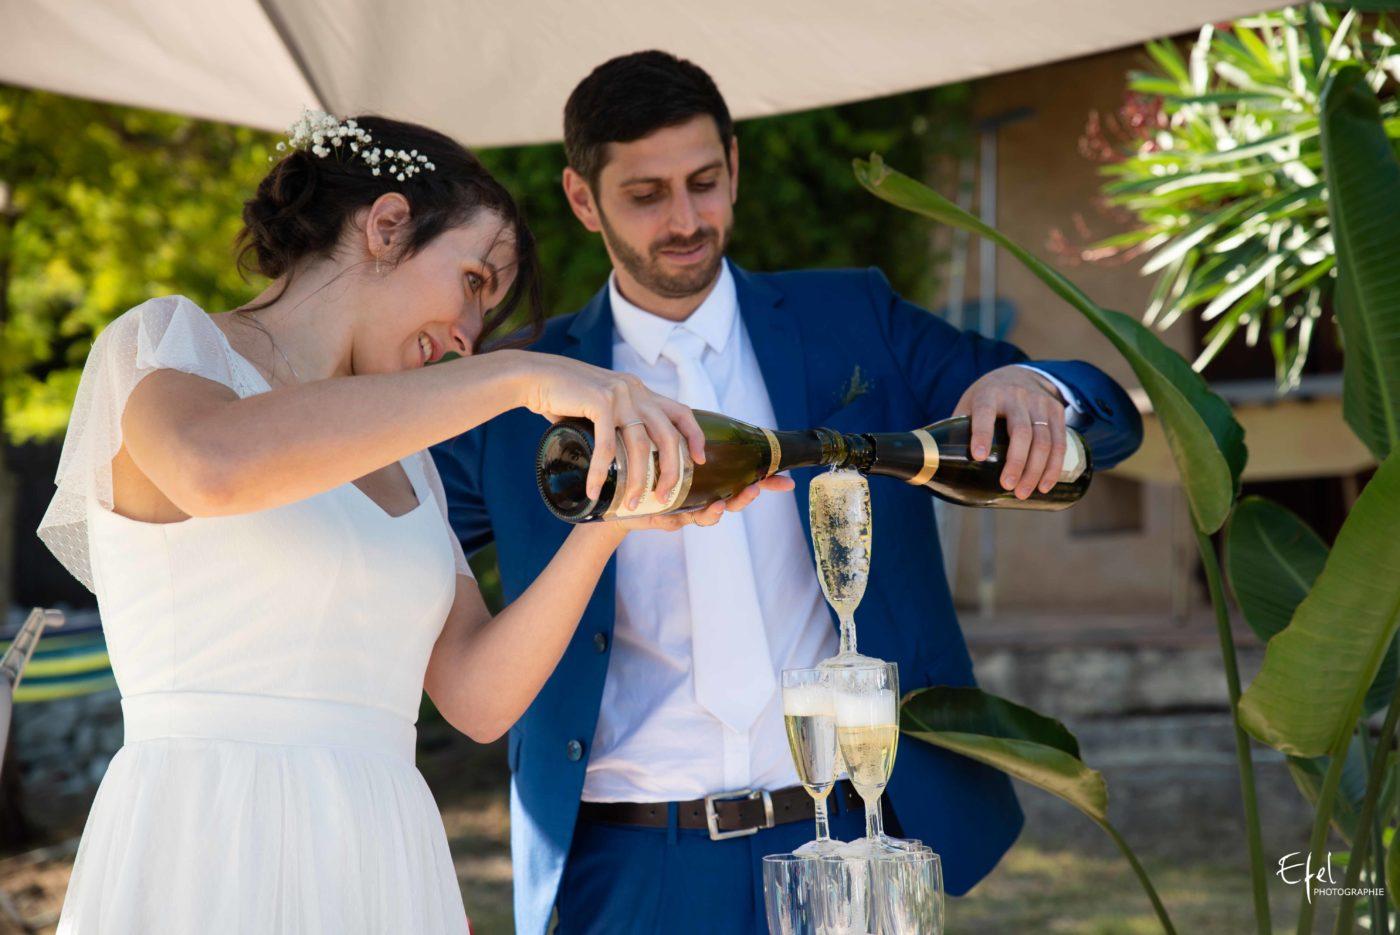 Les mariés servent le champagne pendant le vin d'honneur - photographe de mariage à Gap, dans les Hautes Alpes - dans les Alpes Maritimes et en région PACA